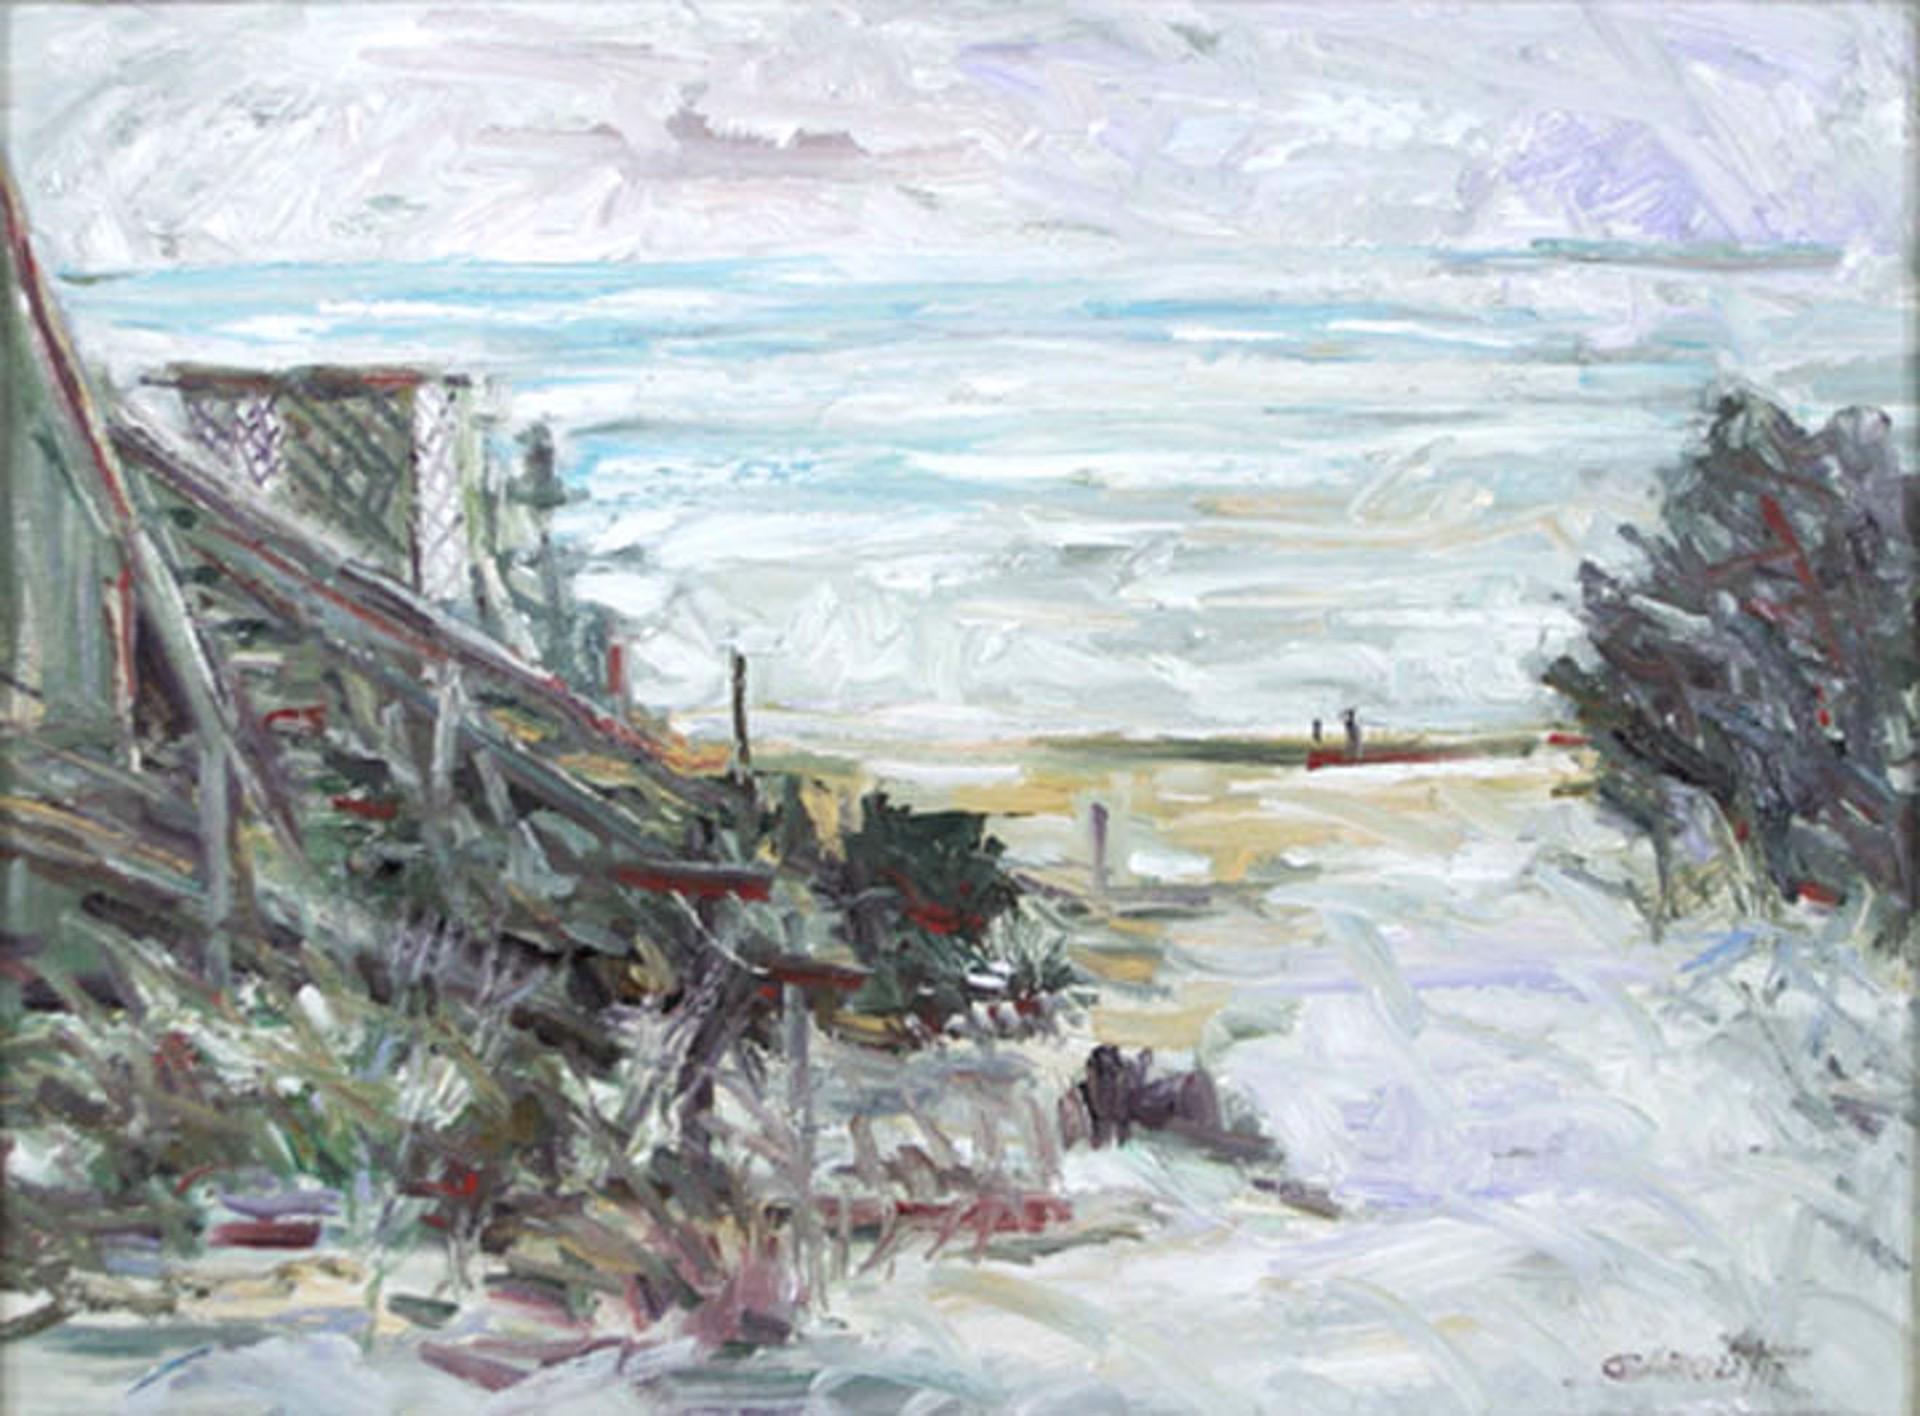 Island Beach by P.J. Garoutte